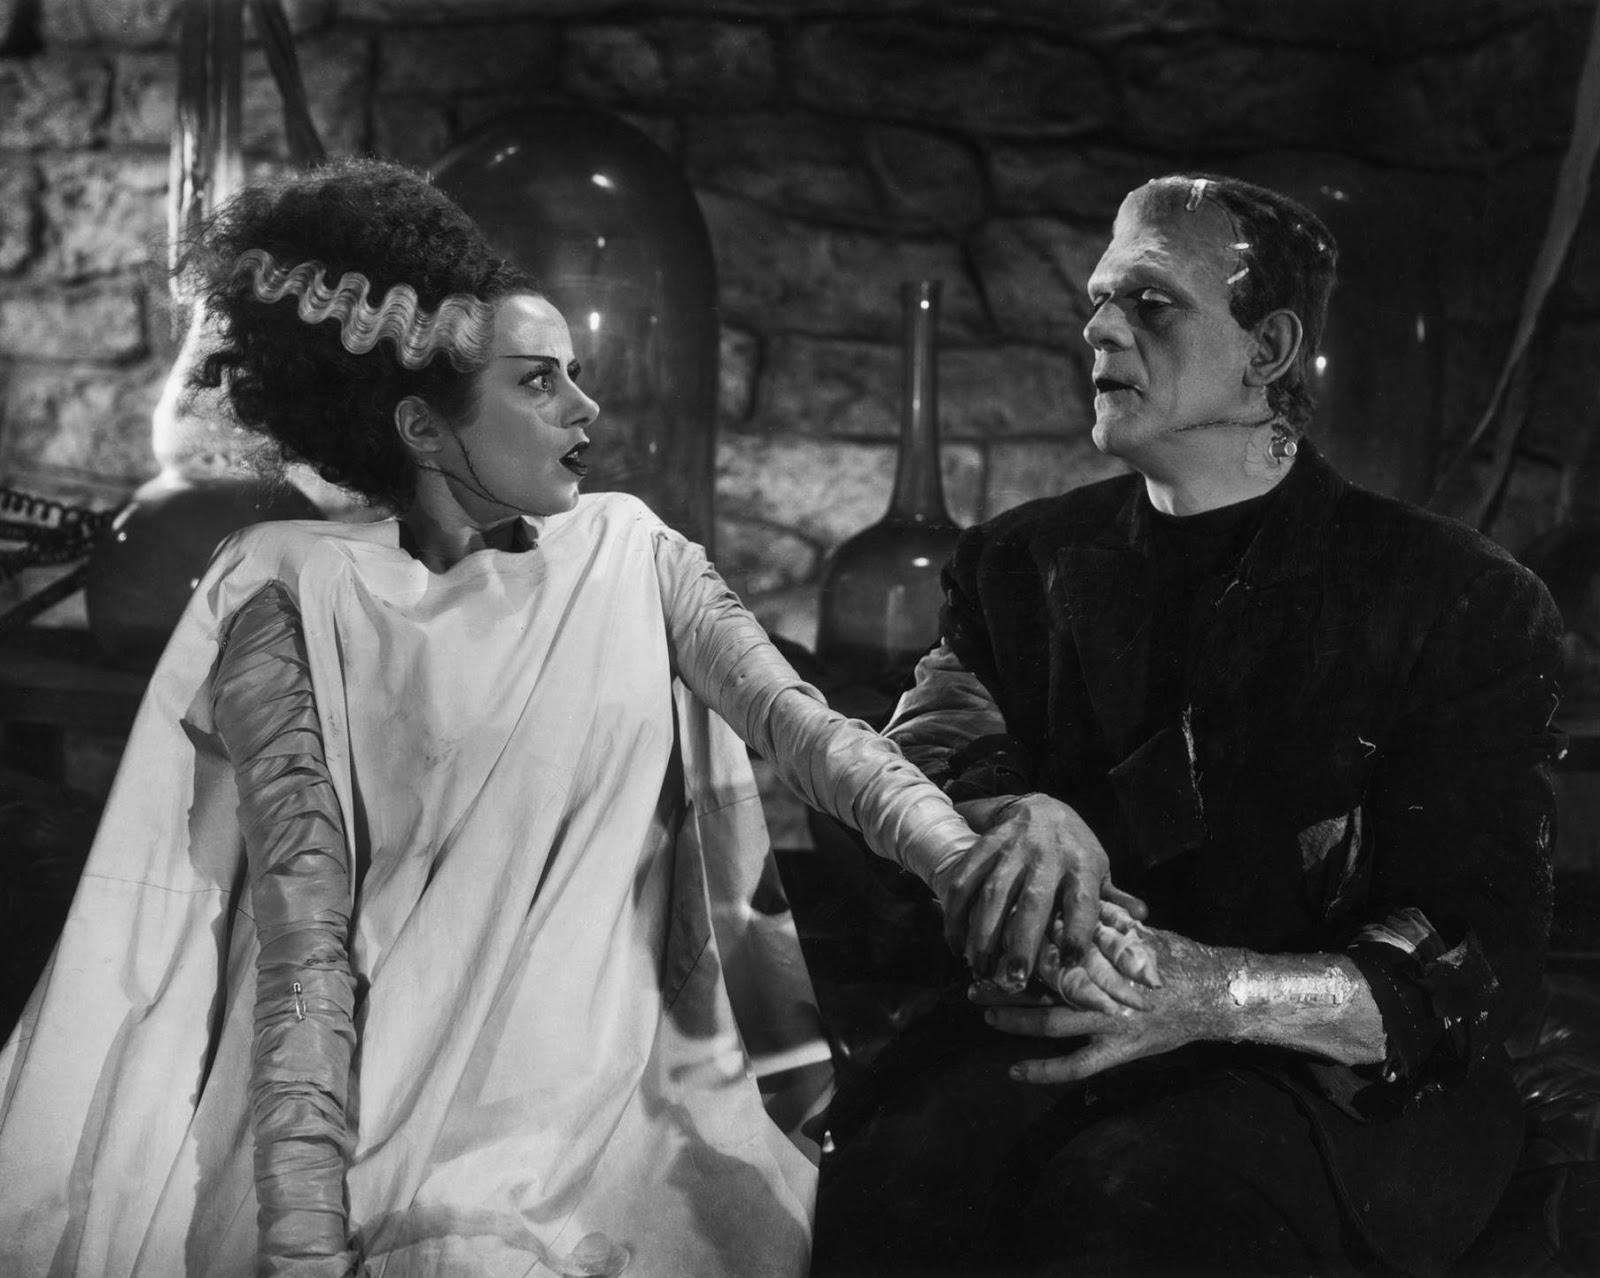 Esculpiendo el tiempo: La novia de Frankenstein (Bride of Frankenstein, 1935) de James Whale.